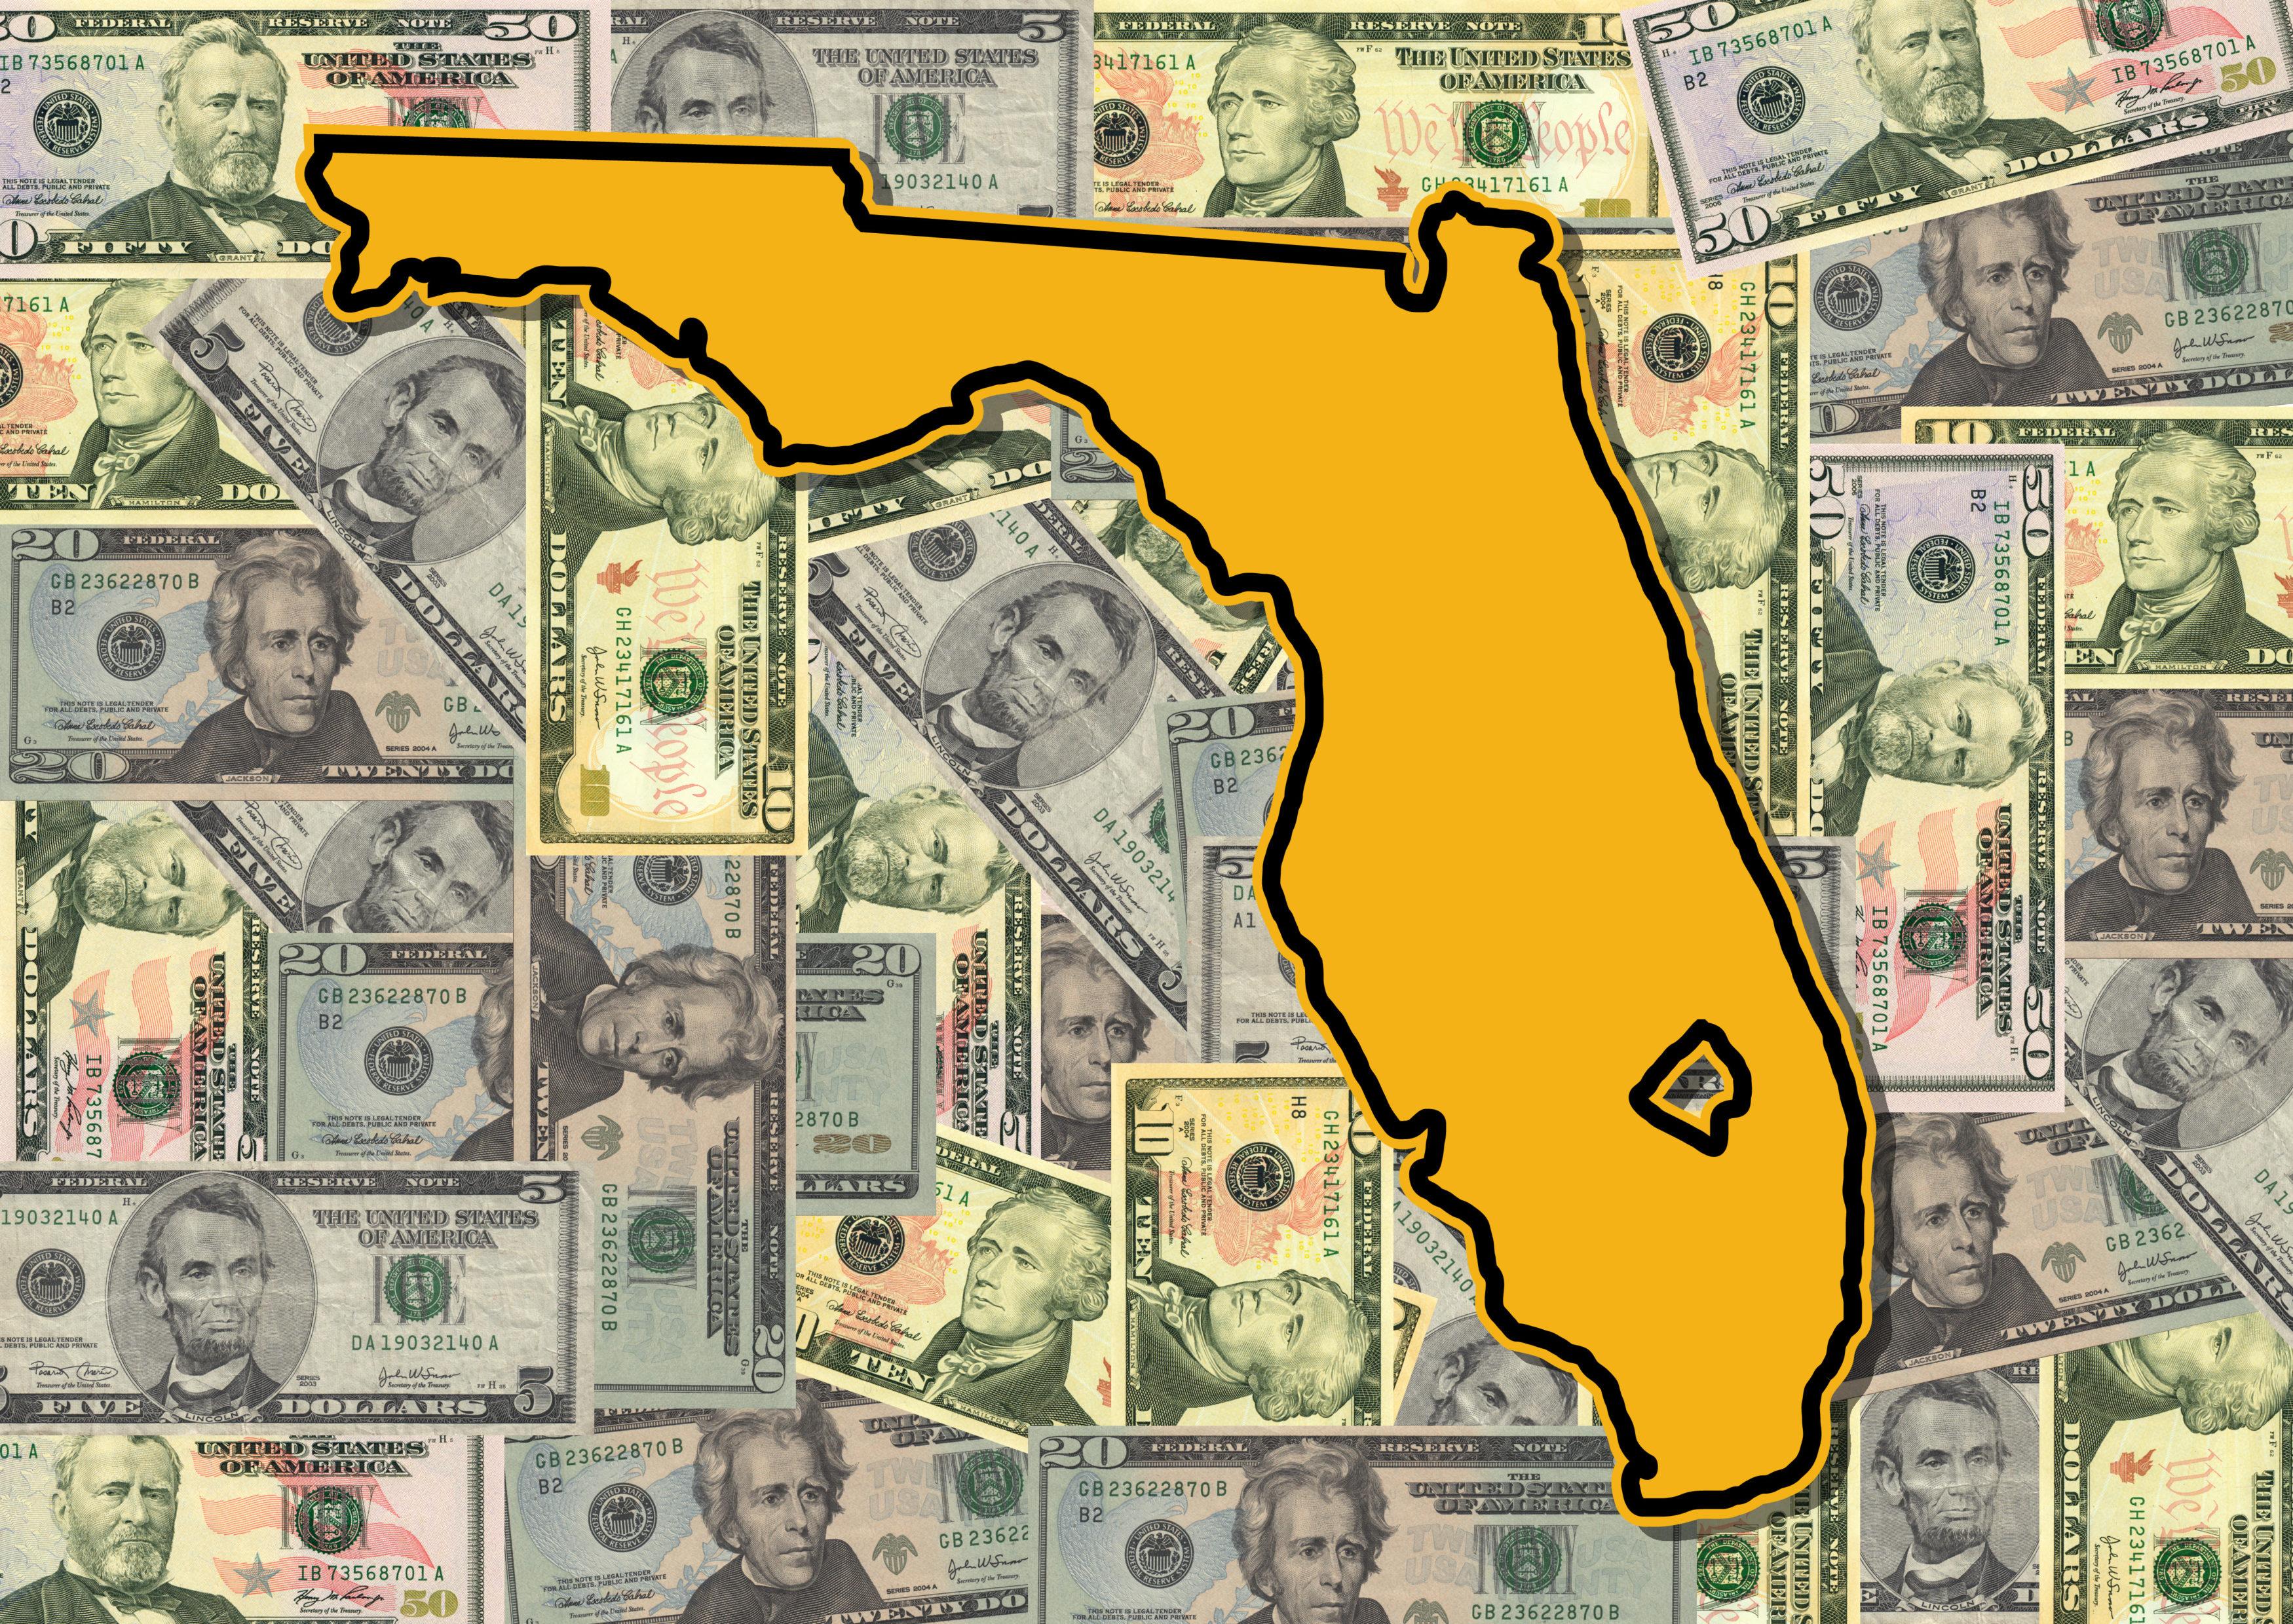 florida-money-2-3500x2479.jpeg